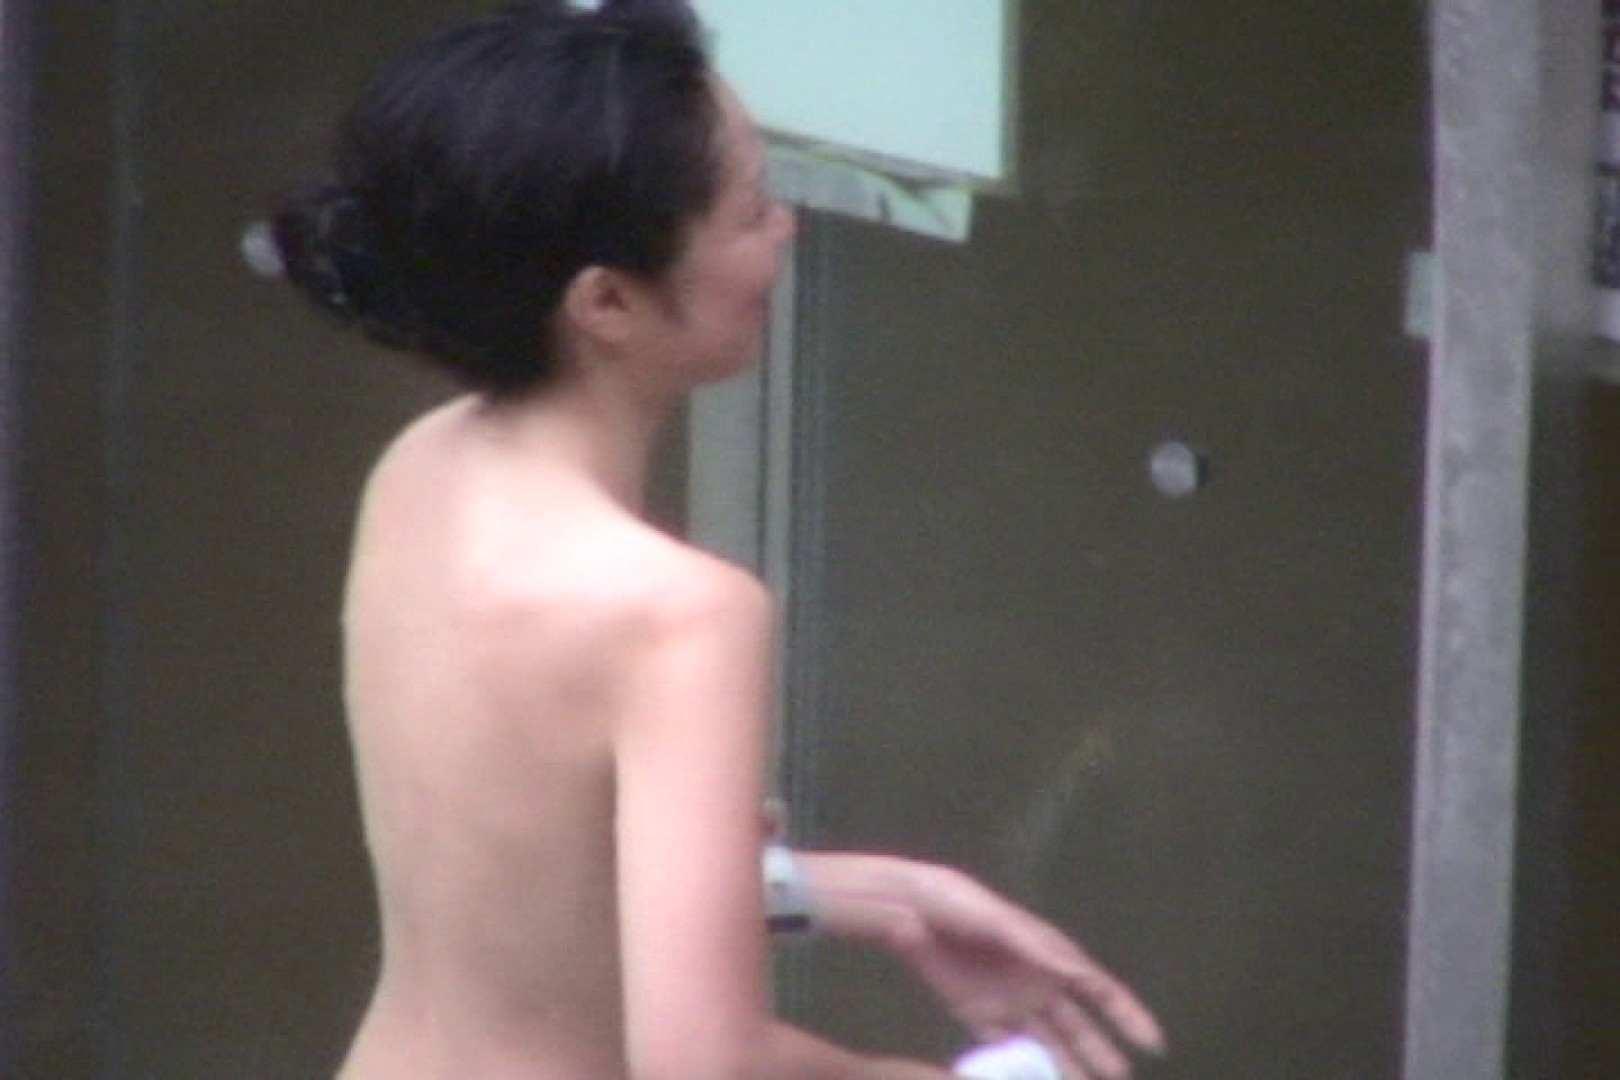 Aquaな露天風呂Vol.702 OLエロ画像 隠し撮りオマンコ動画紹介 109PICs 35